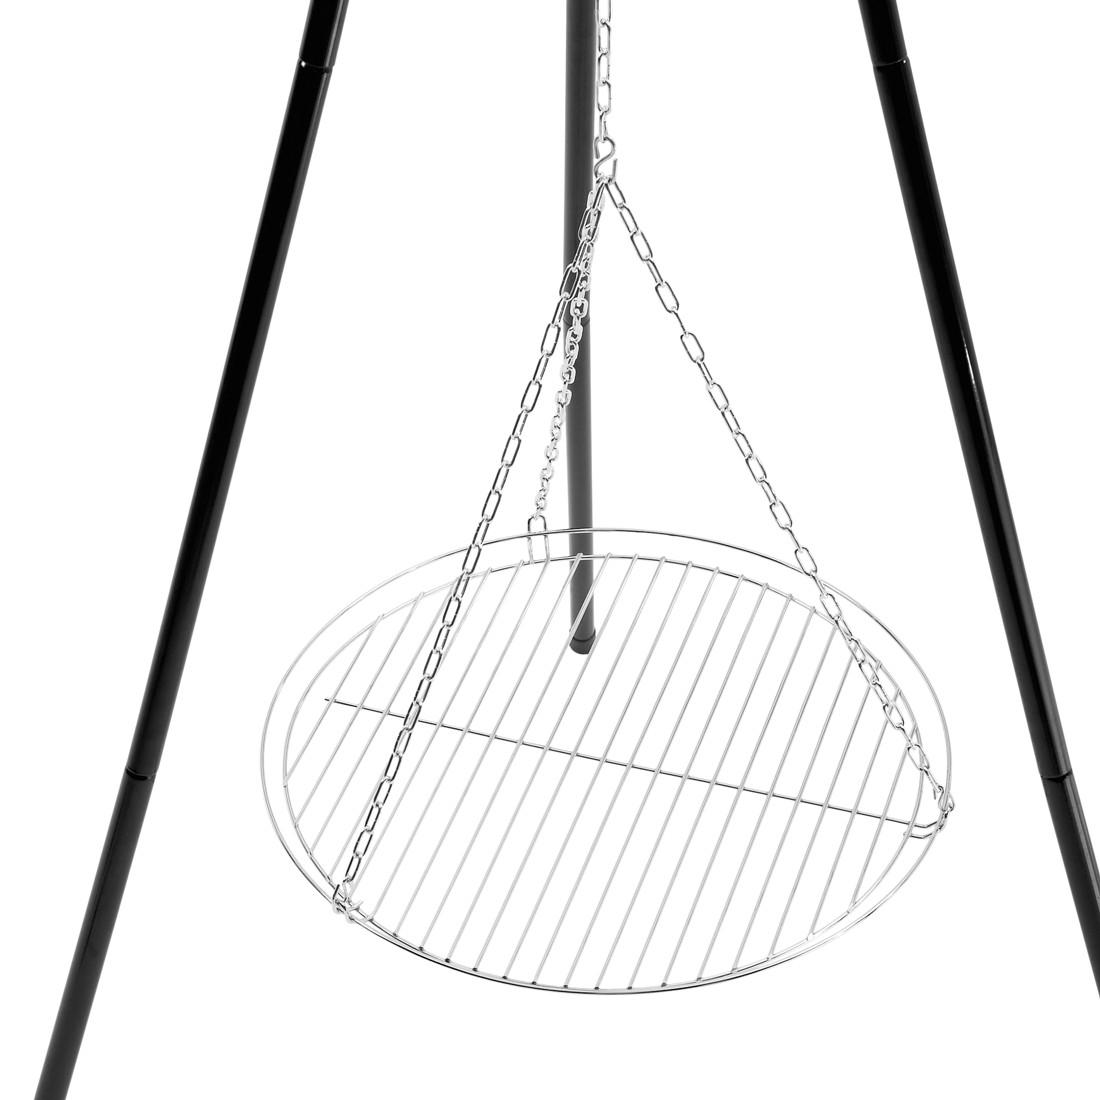 grillrost cleveland landmann g nstig online kaufen. Black Bedroom Furniture Sets. Home Design Ideas